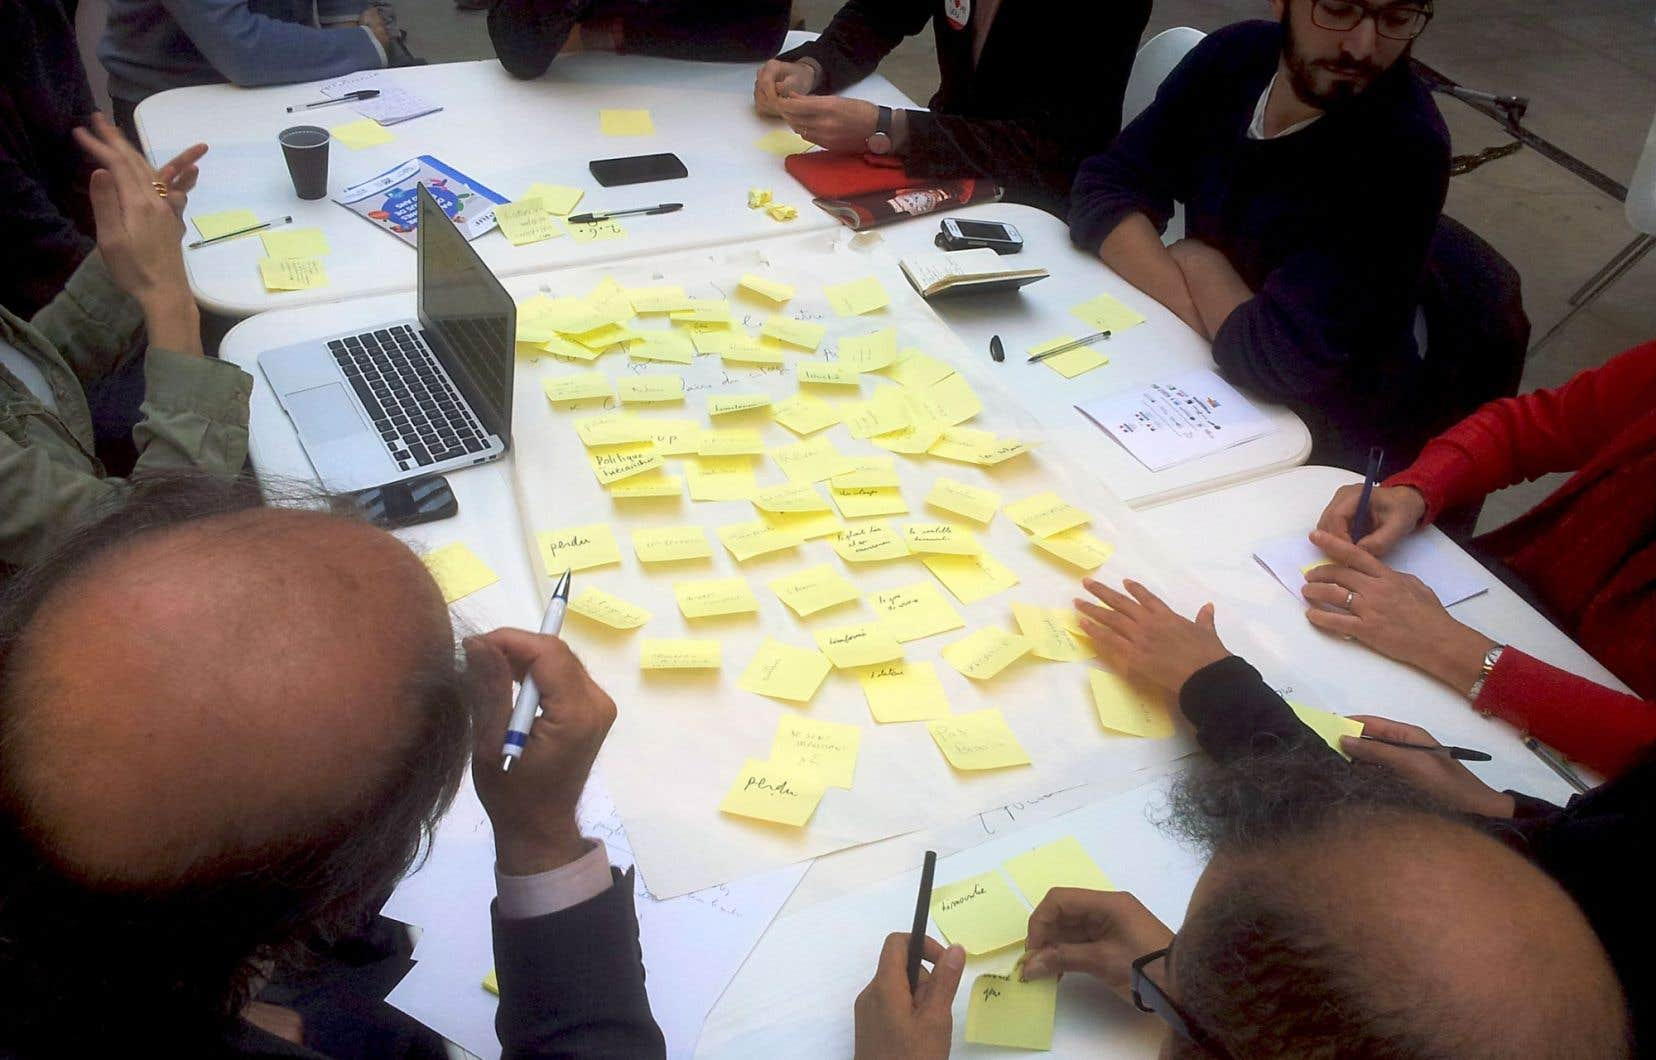 Séance de remue-méninges dans le cadre de l'événement «Gouvcamp: Quelle démocratie sur nos territoires?» organisé en 2014 par le collectif Démocratie ouverte